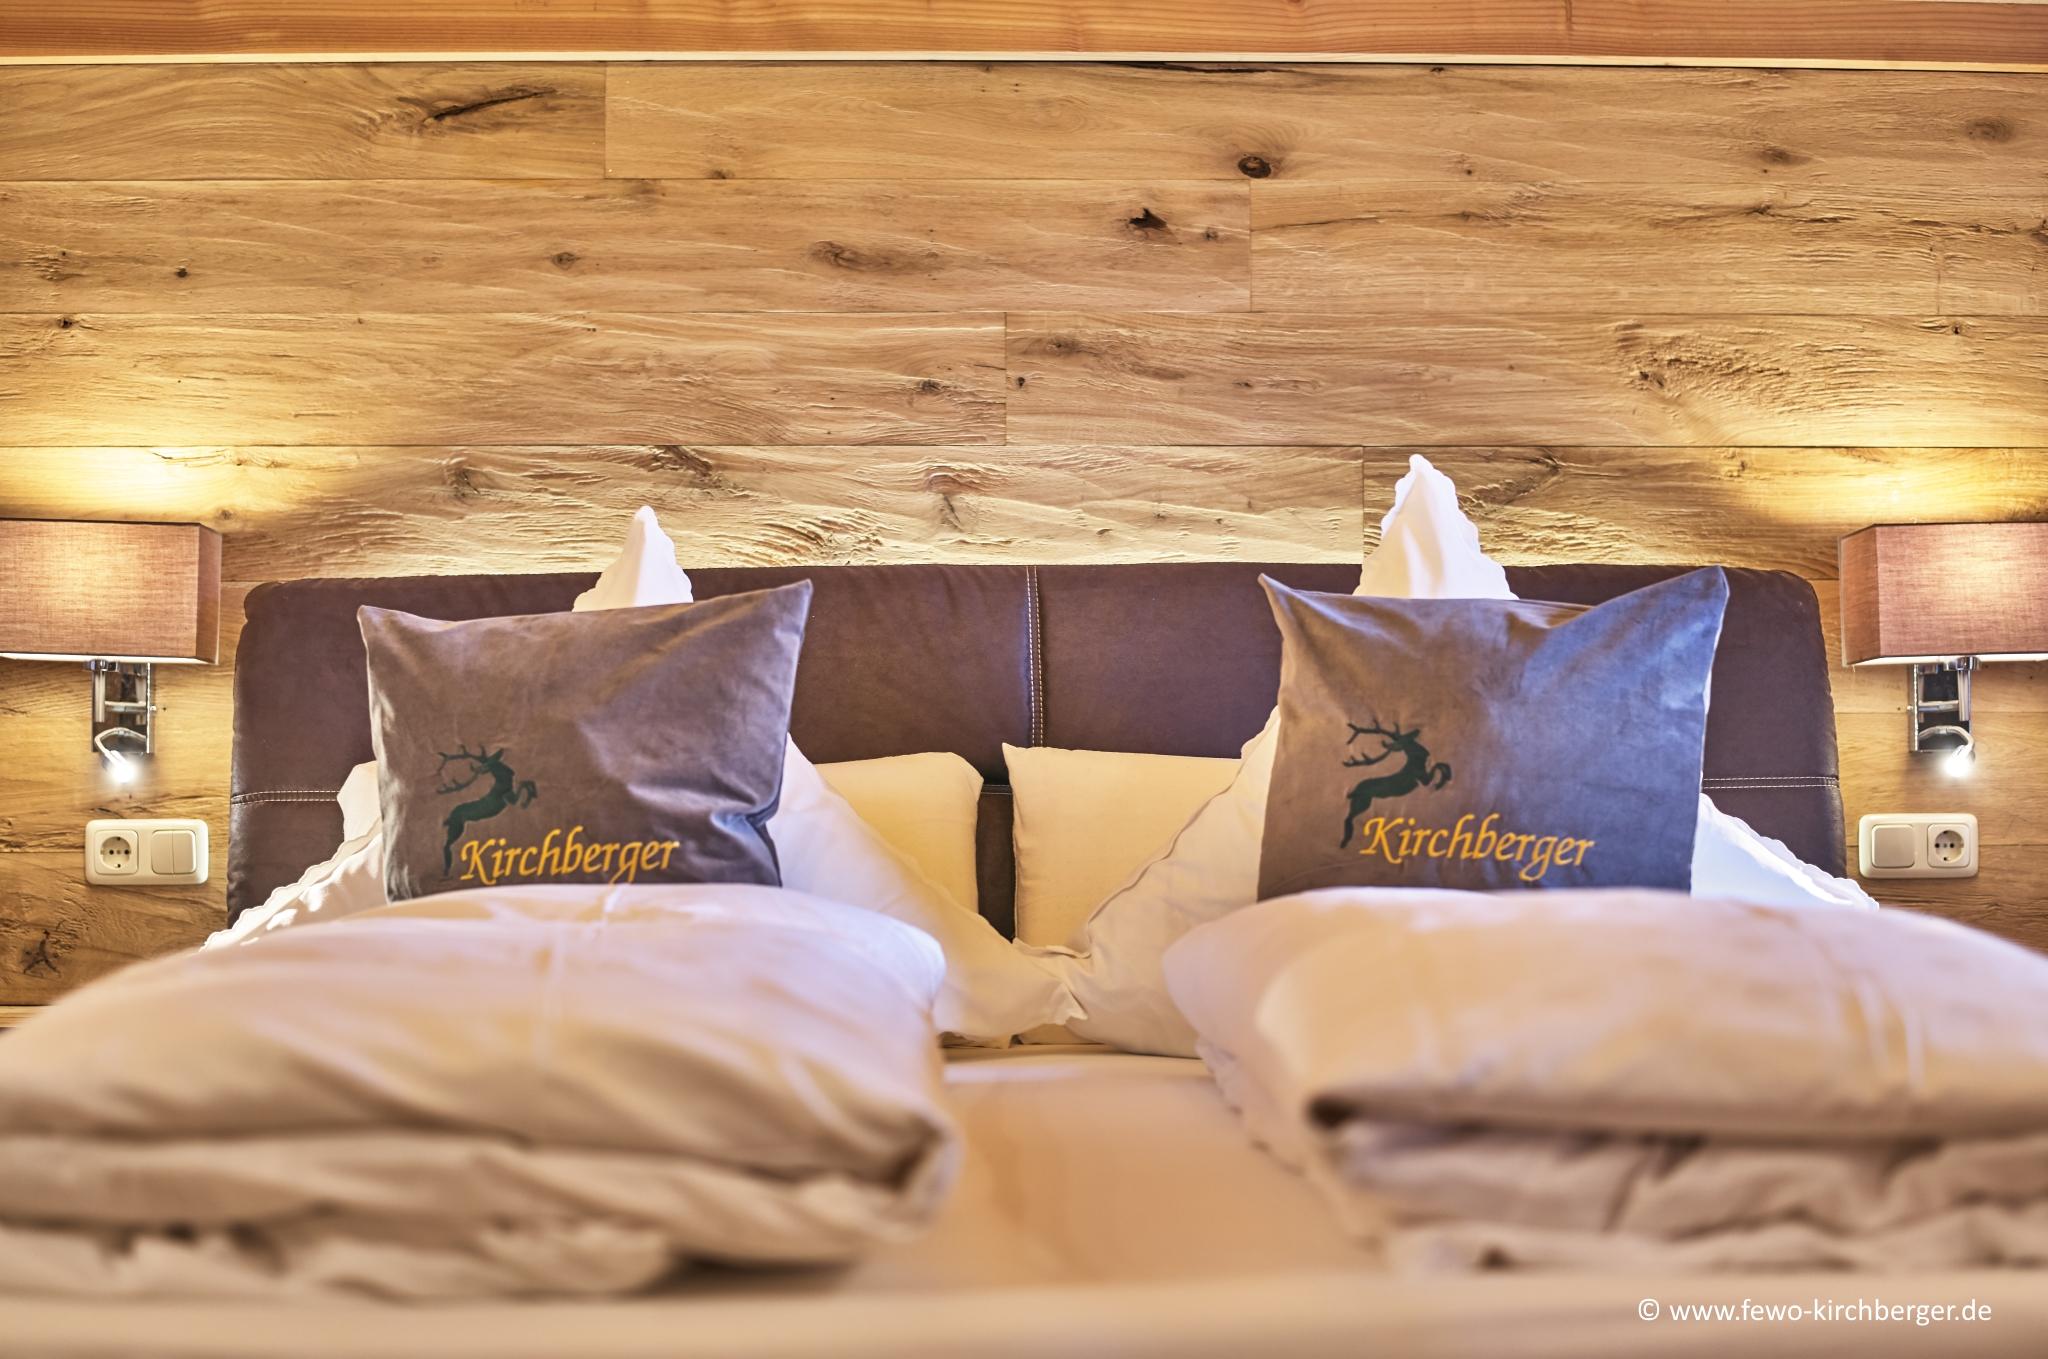 Full Size of Bett Rückwand Holz Galerie Pinolino Boxspring Selber Bauen Luxus Betten 120x200 Mit Bettkasten Günstig Kaufen 180x200 Paletten 140x200 Ohne Kopfteil Weißes Wohnzimmer Bett Rückwand Holz